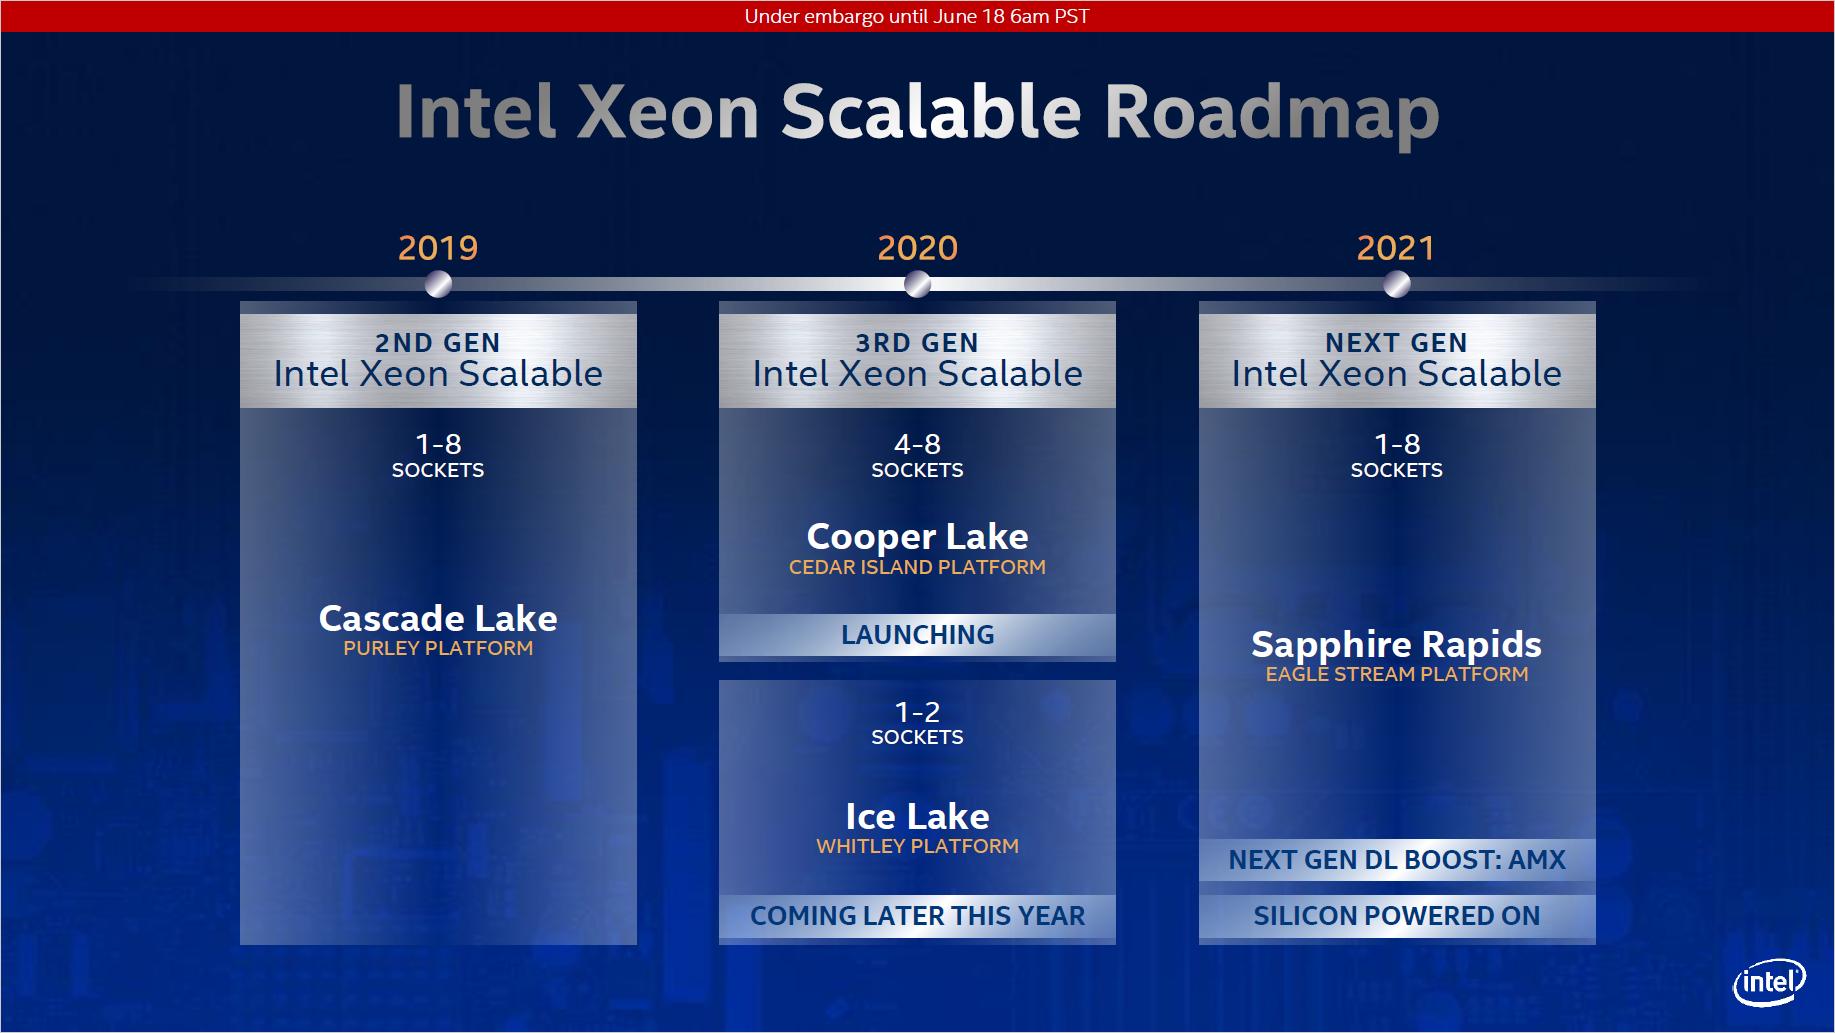 PC-Hardware: Das kann DDR5-Arbeitsspeicher - Sapphire Rapids ist ebenfalls mit DDR5 geplant. (Bild: Intel)